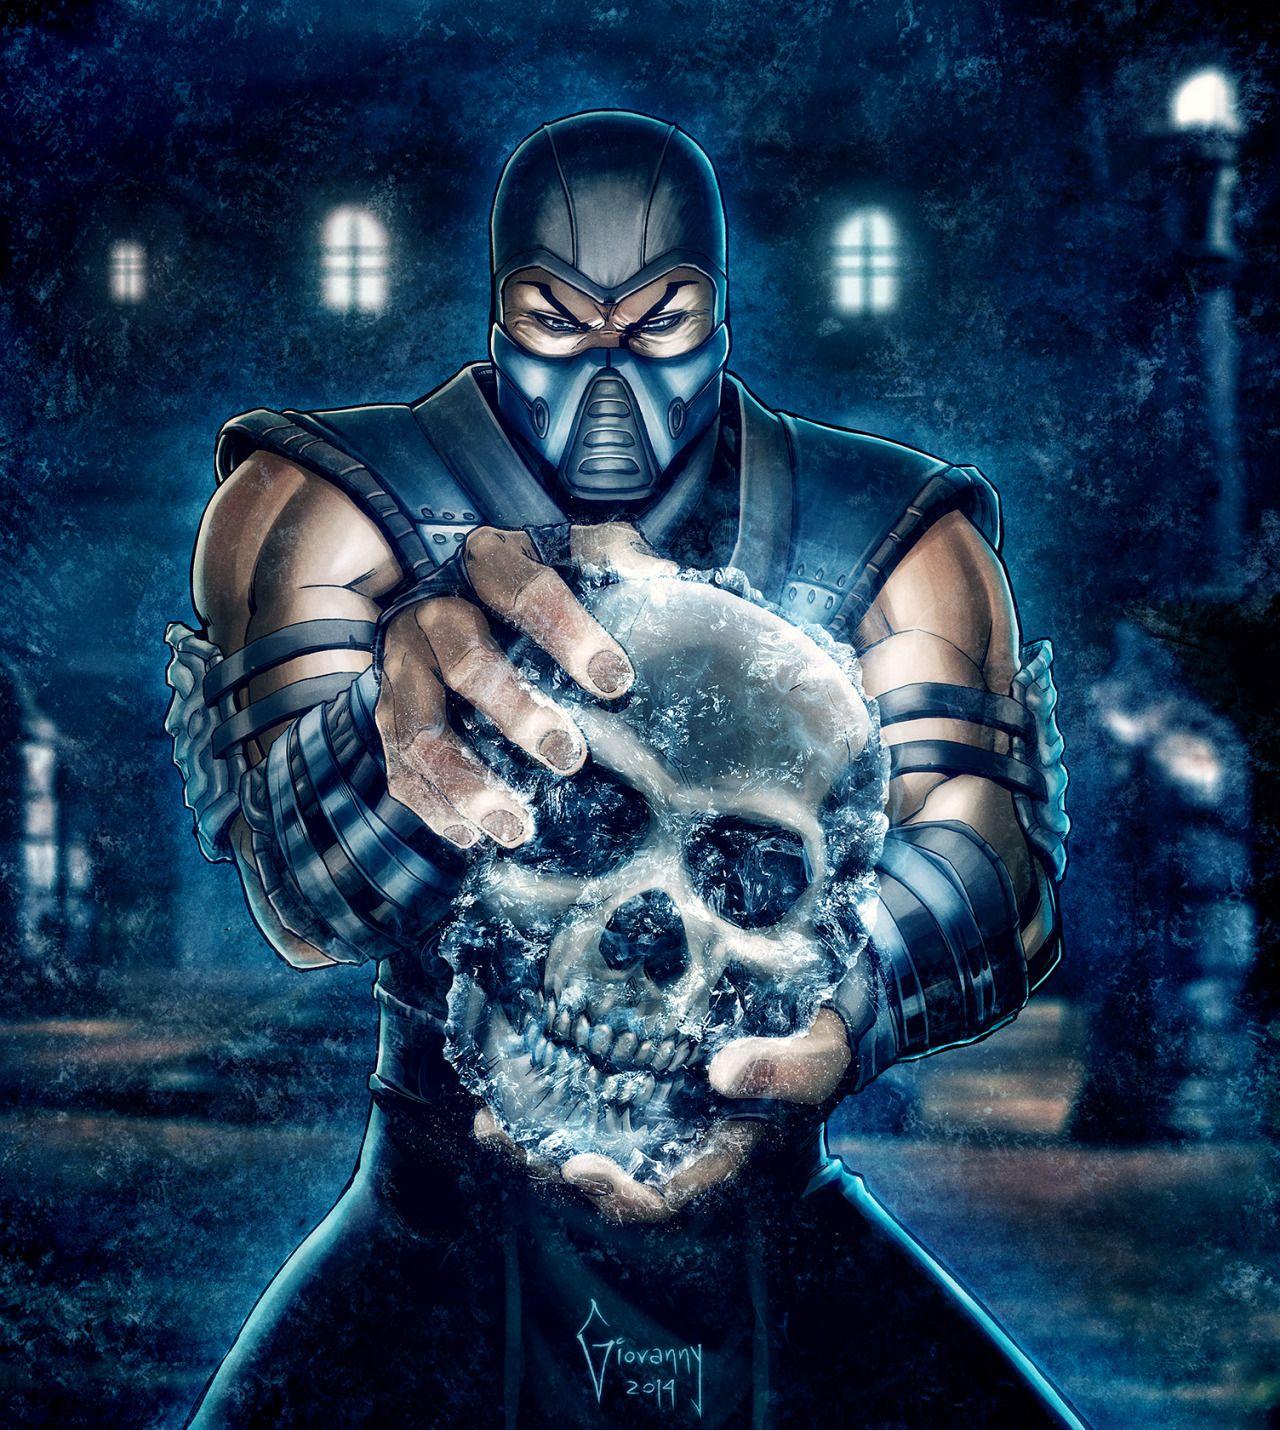 Fondos De Pantalla De Mortal Kombat X